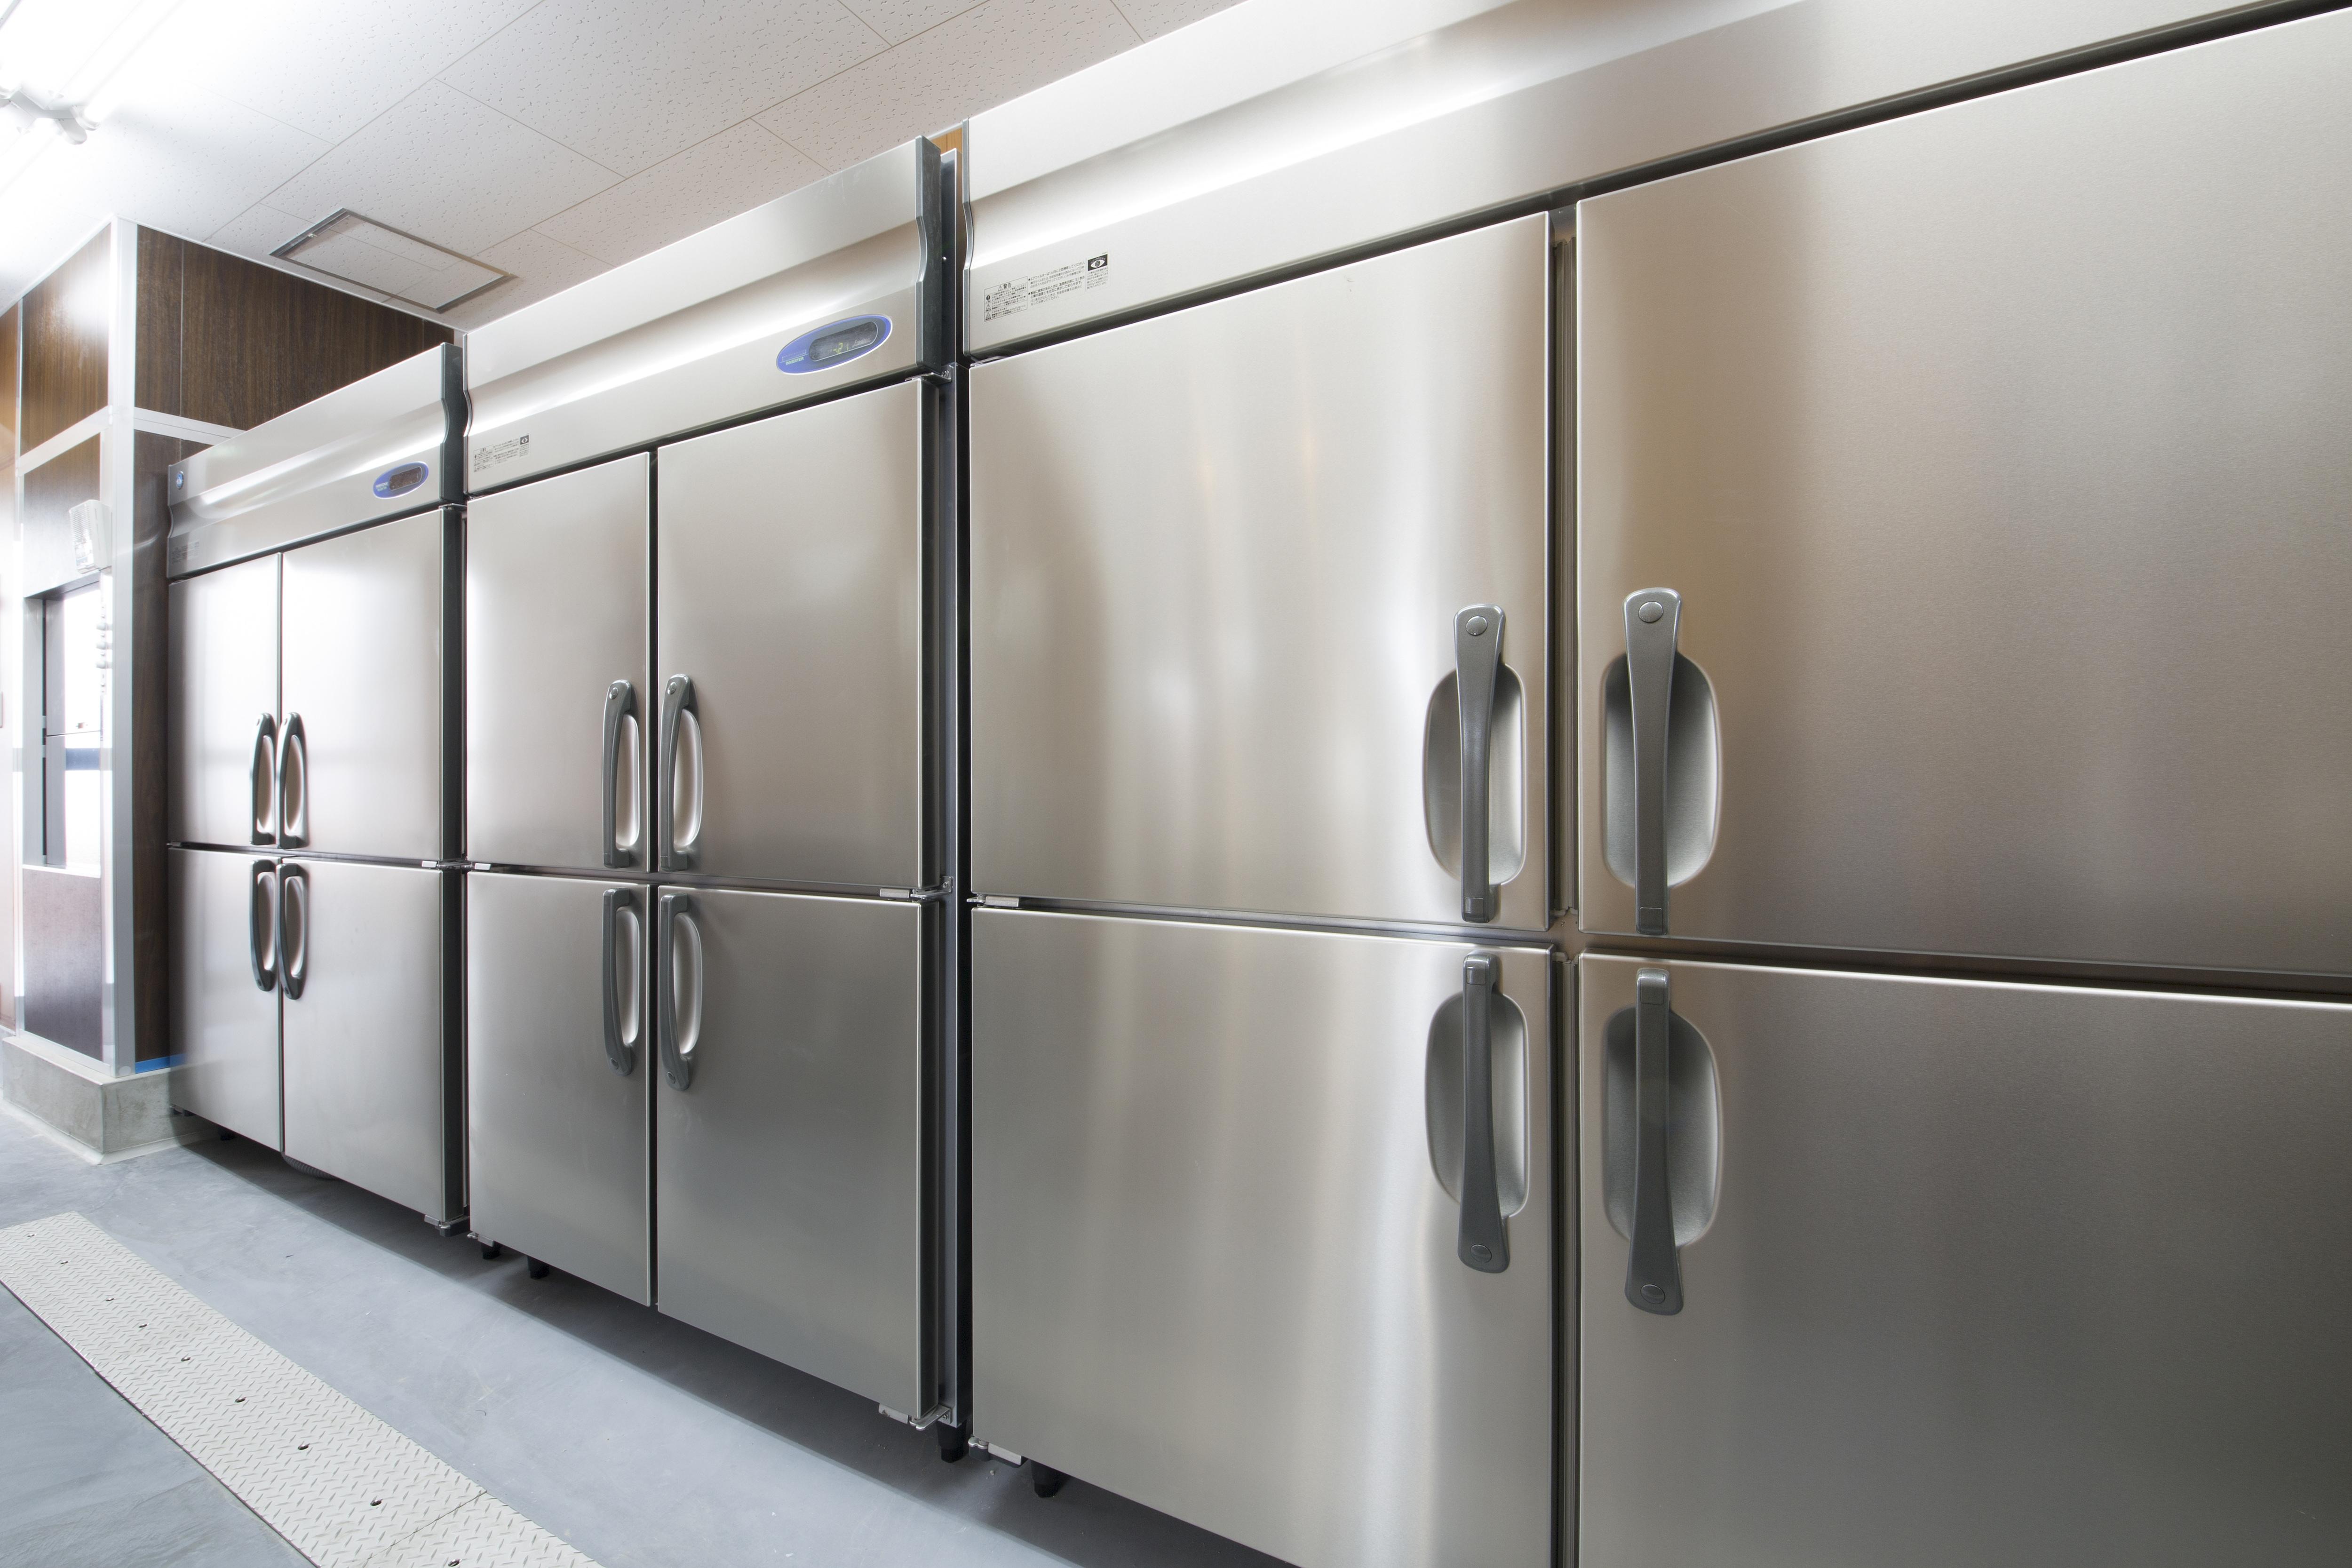 業務用冷蔵庫の寿命は何年?買い替えのタイミングや選び方を紹介